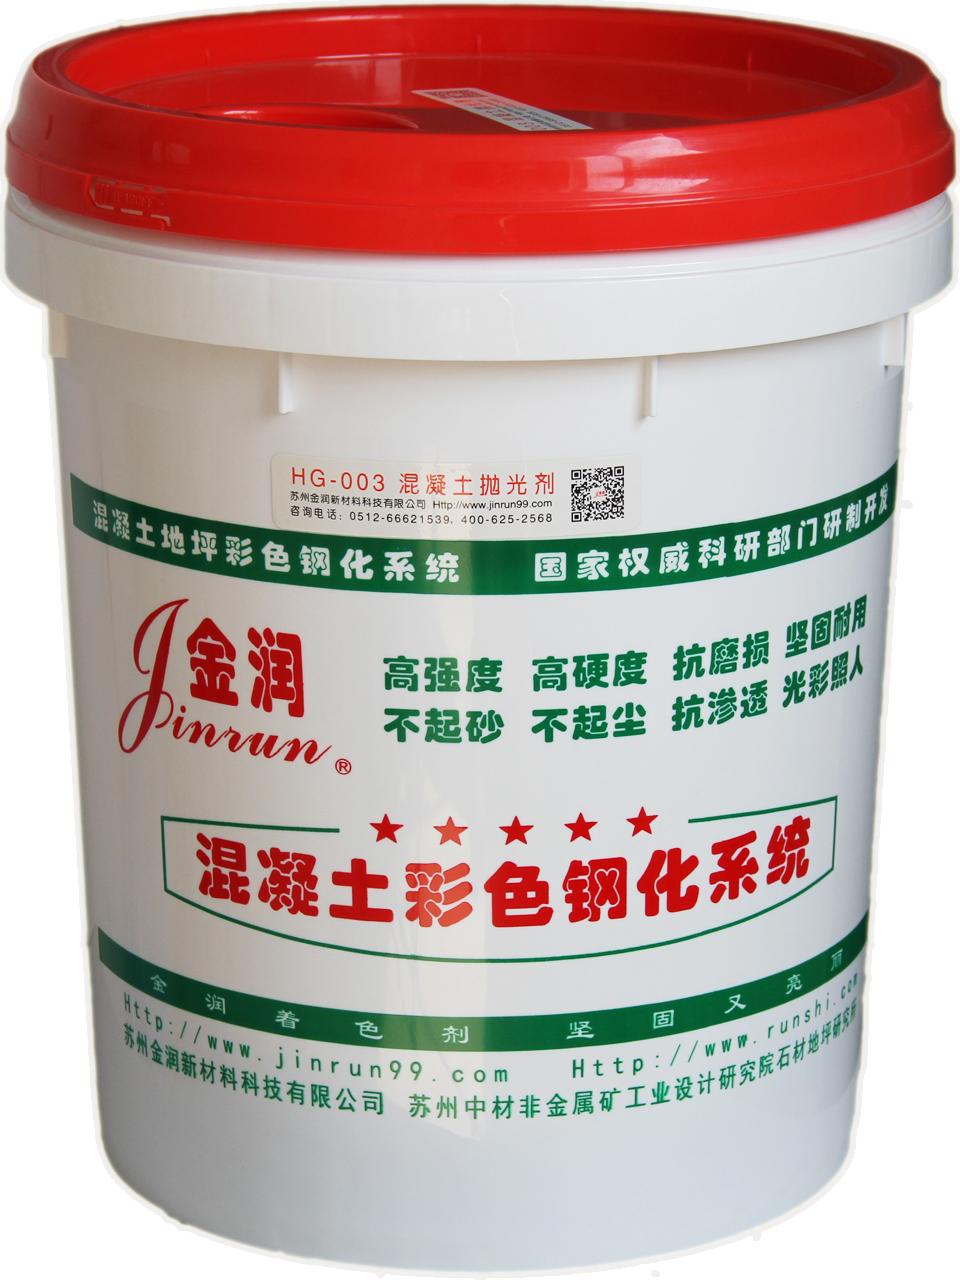 HG-003-金润混凝土抛光剂